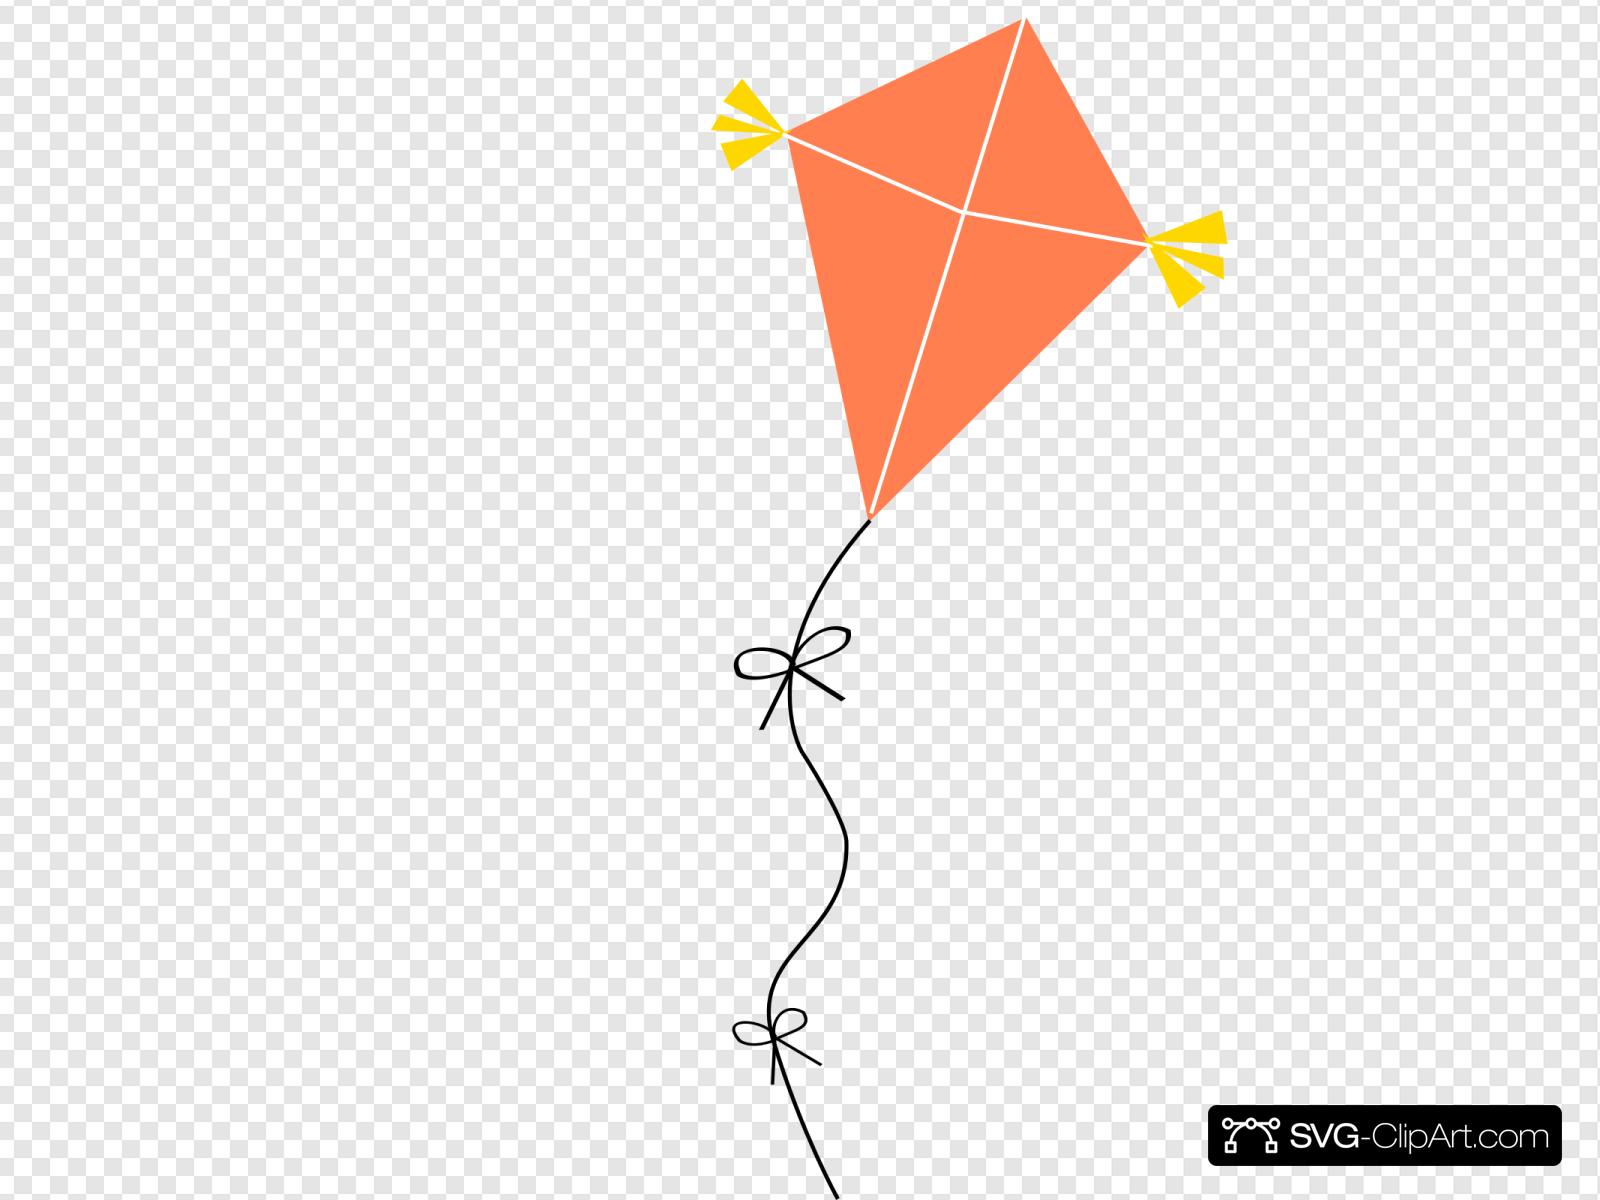 Kite clipart orange. Clip art icon and